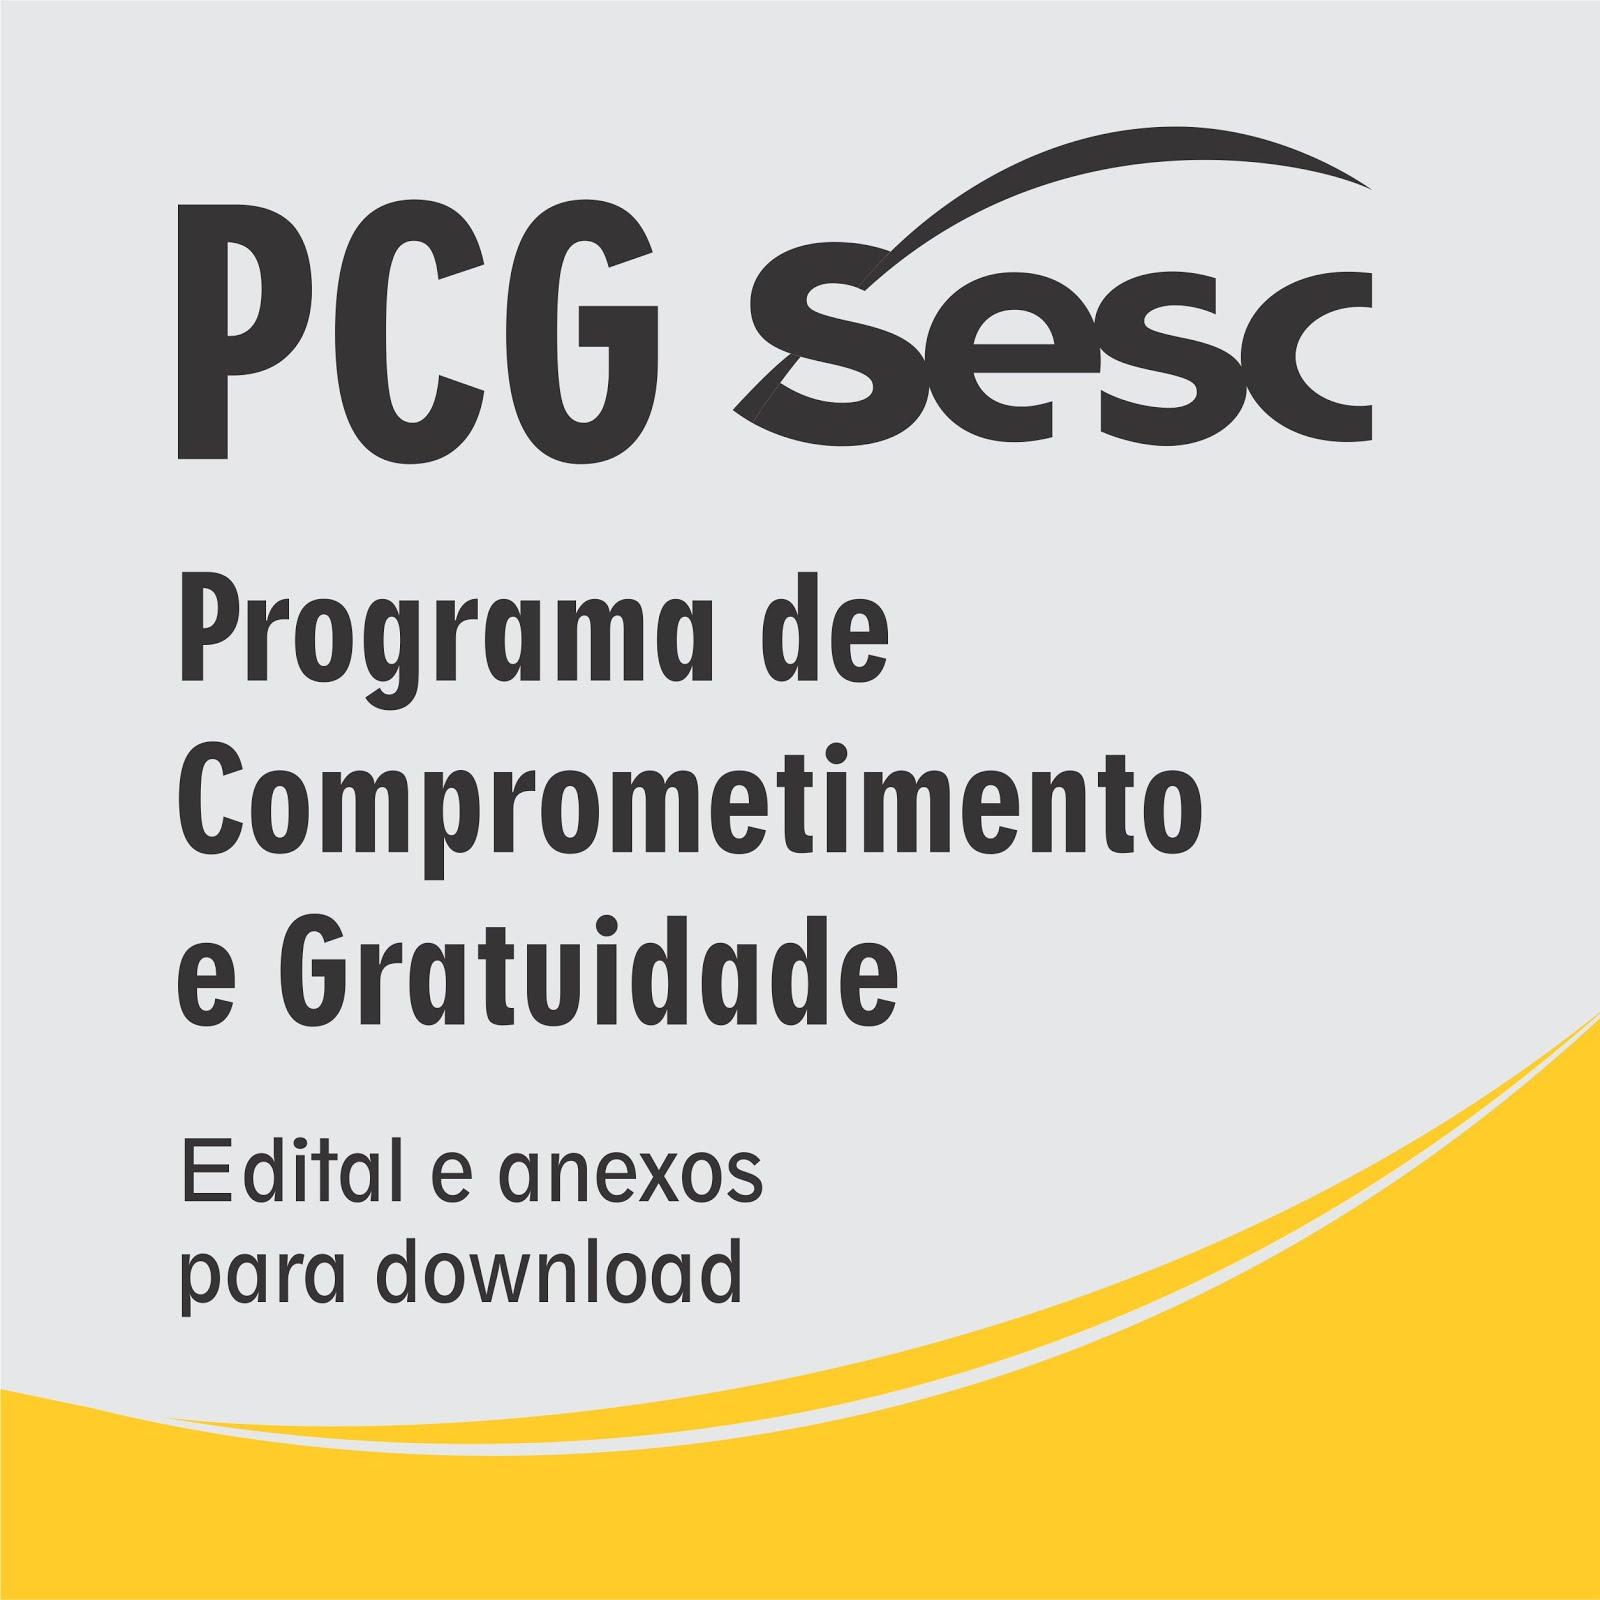 PCG SESC